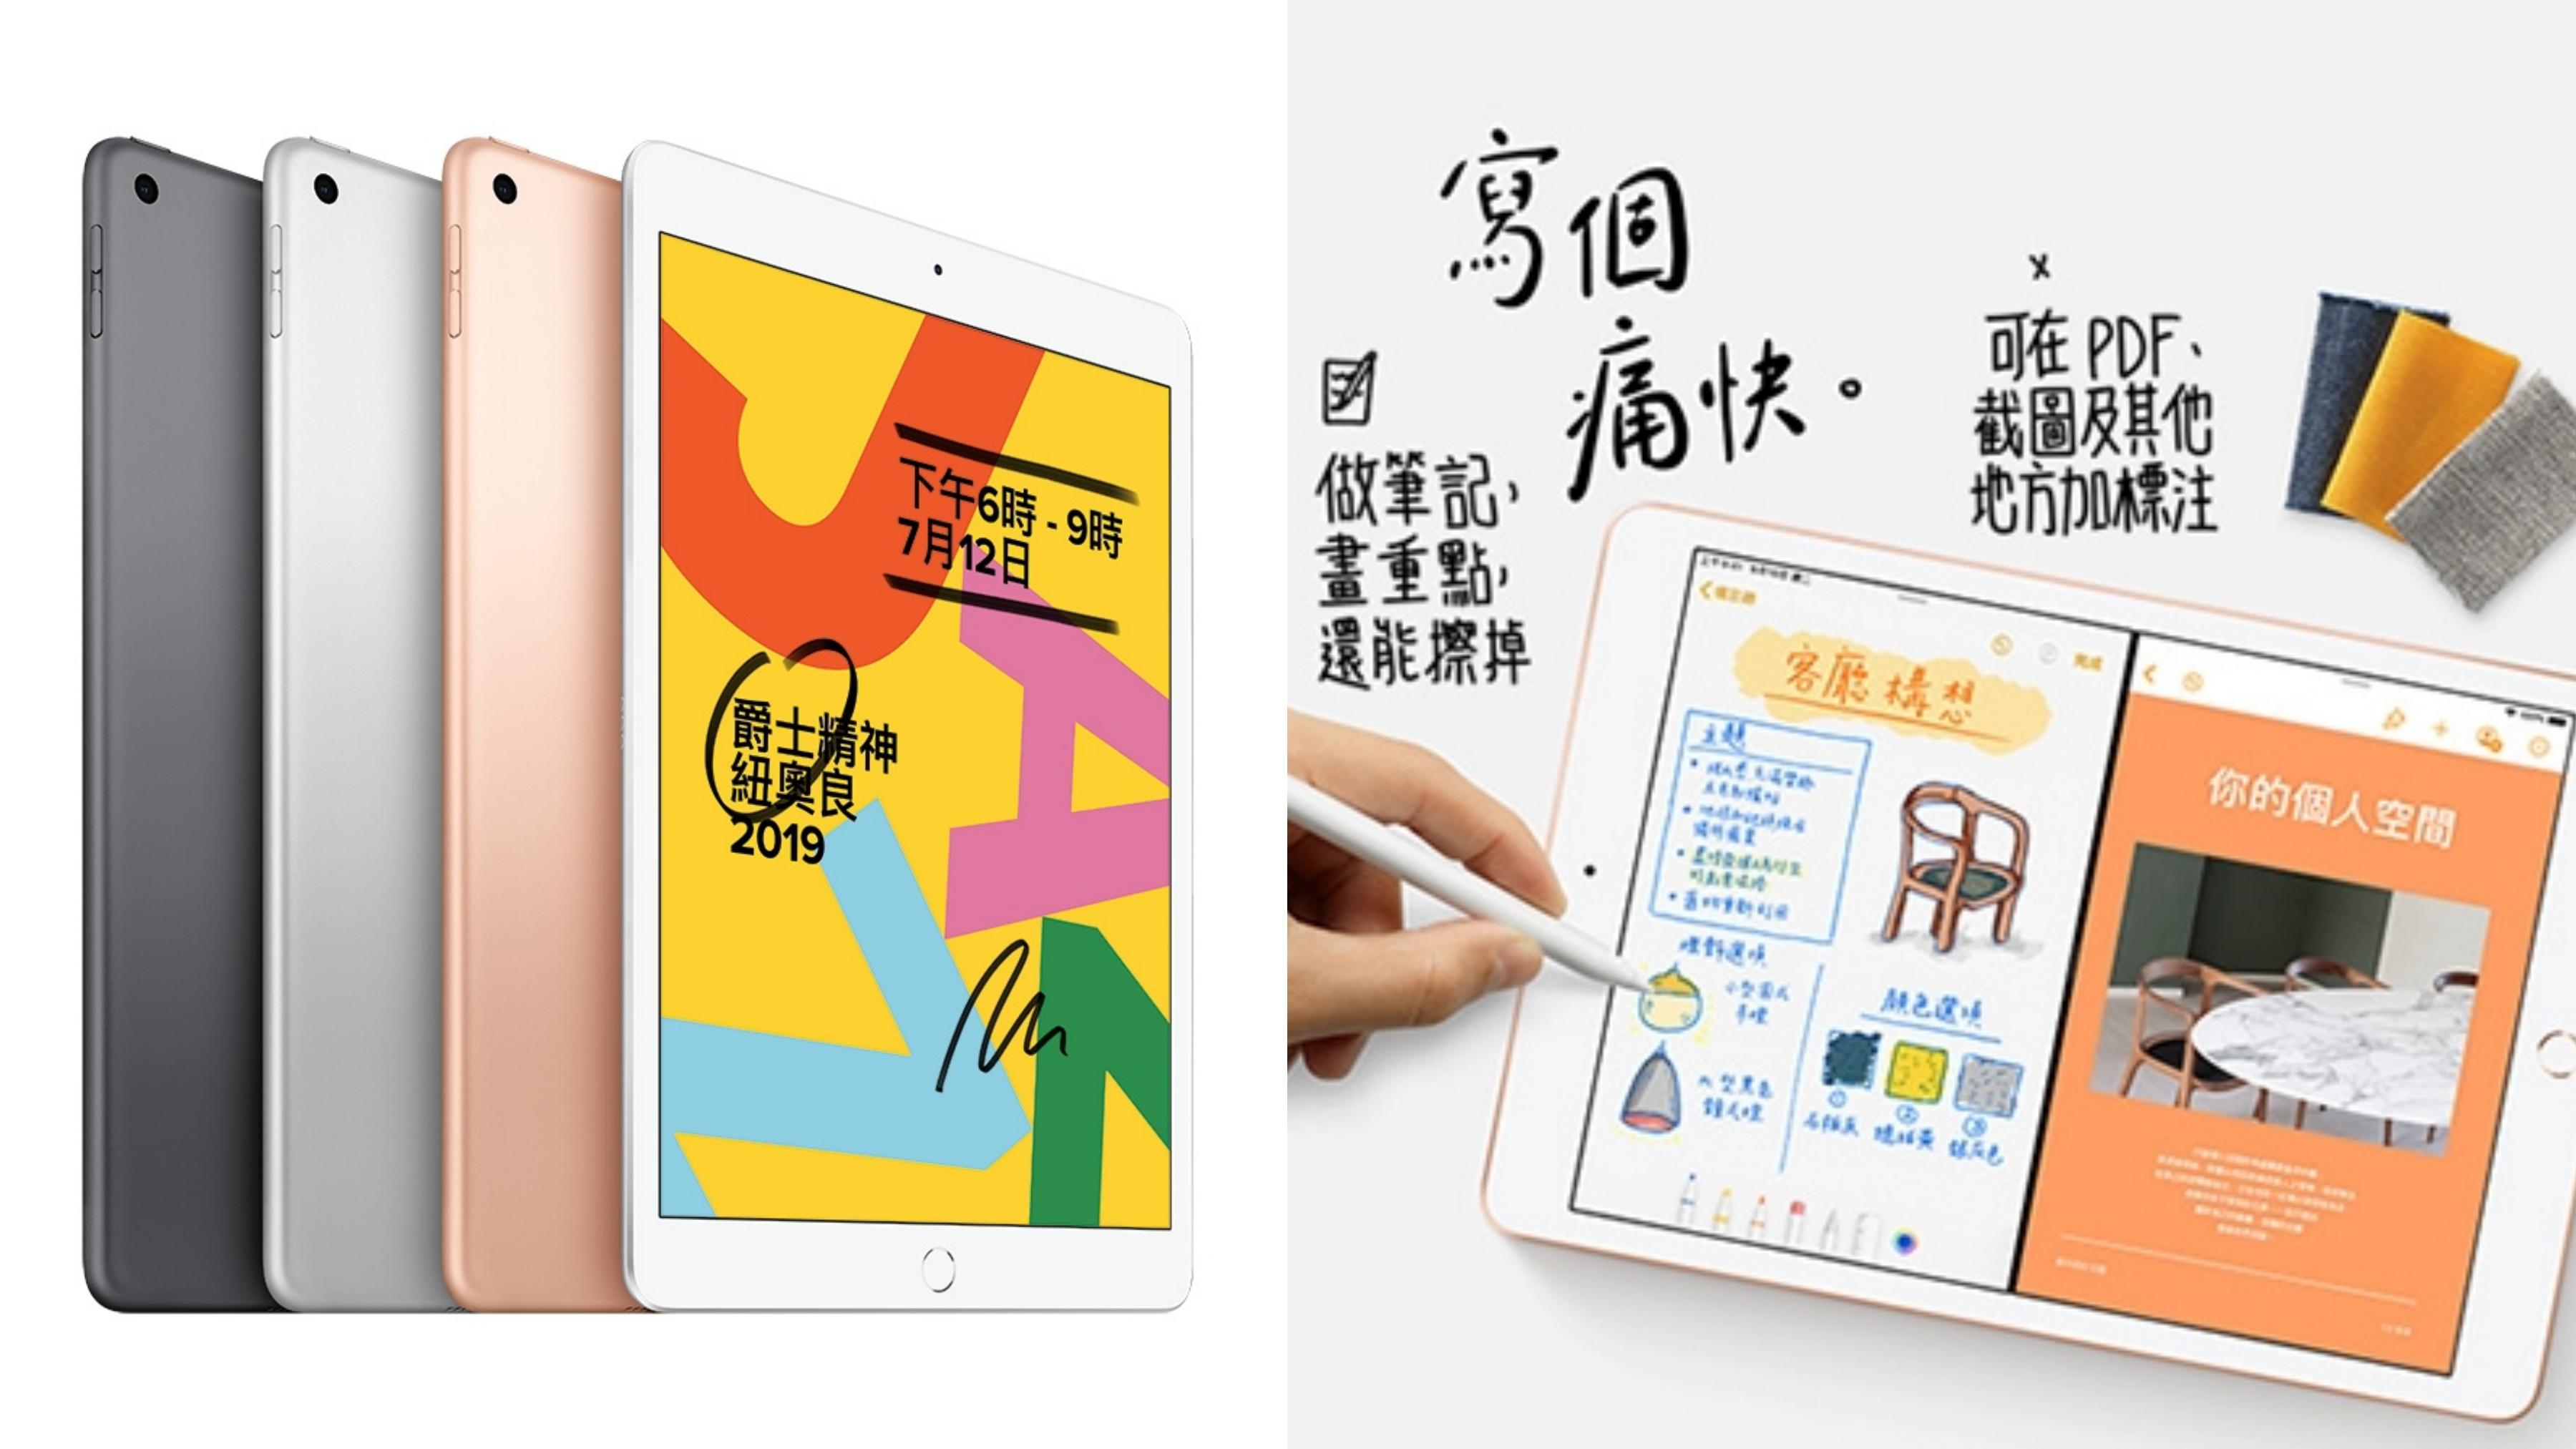 iPad 的設計極為便於攜帶且經久耐用,重量不到 500 公克